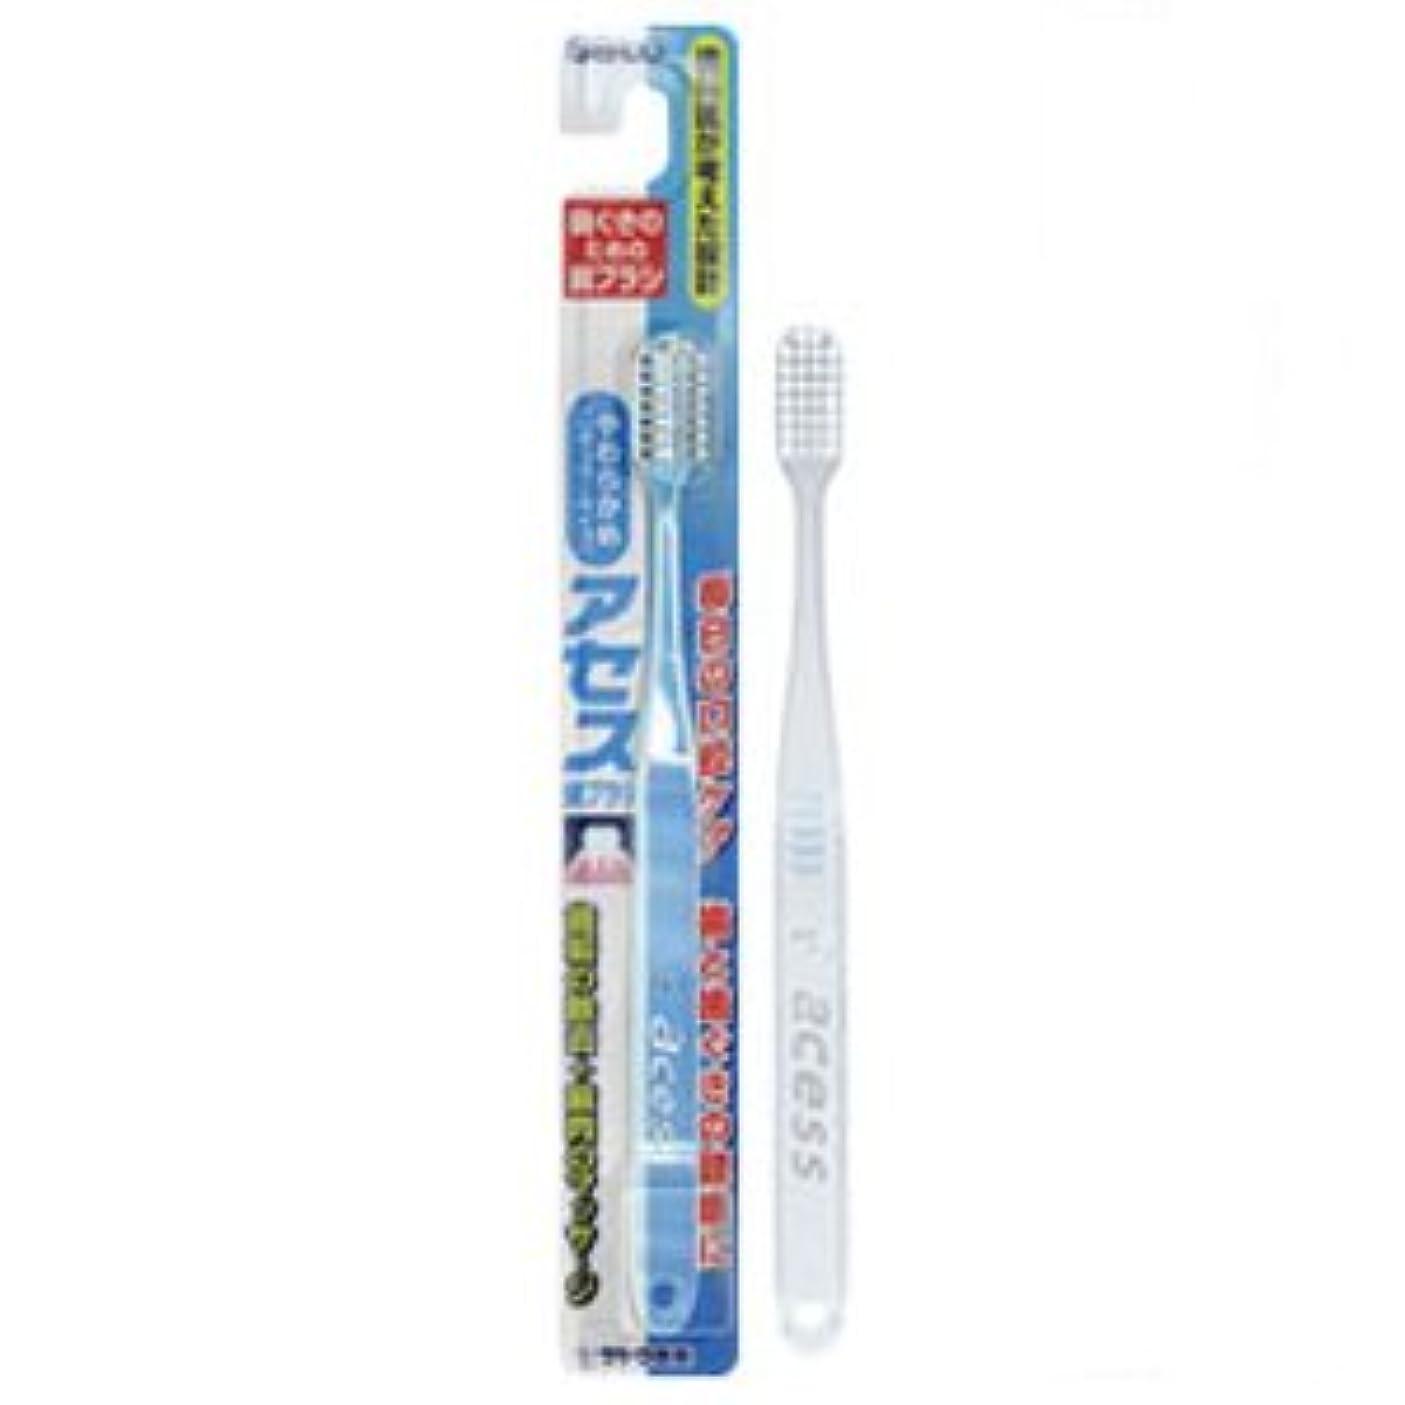 アーサーコナンドイルスペクトラム病んでいるアセス歯ブラシ やわらかめ(レギュラータイプ) クリア 12本